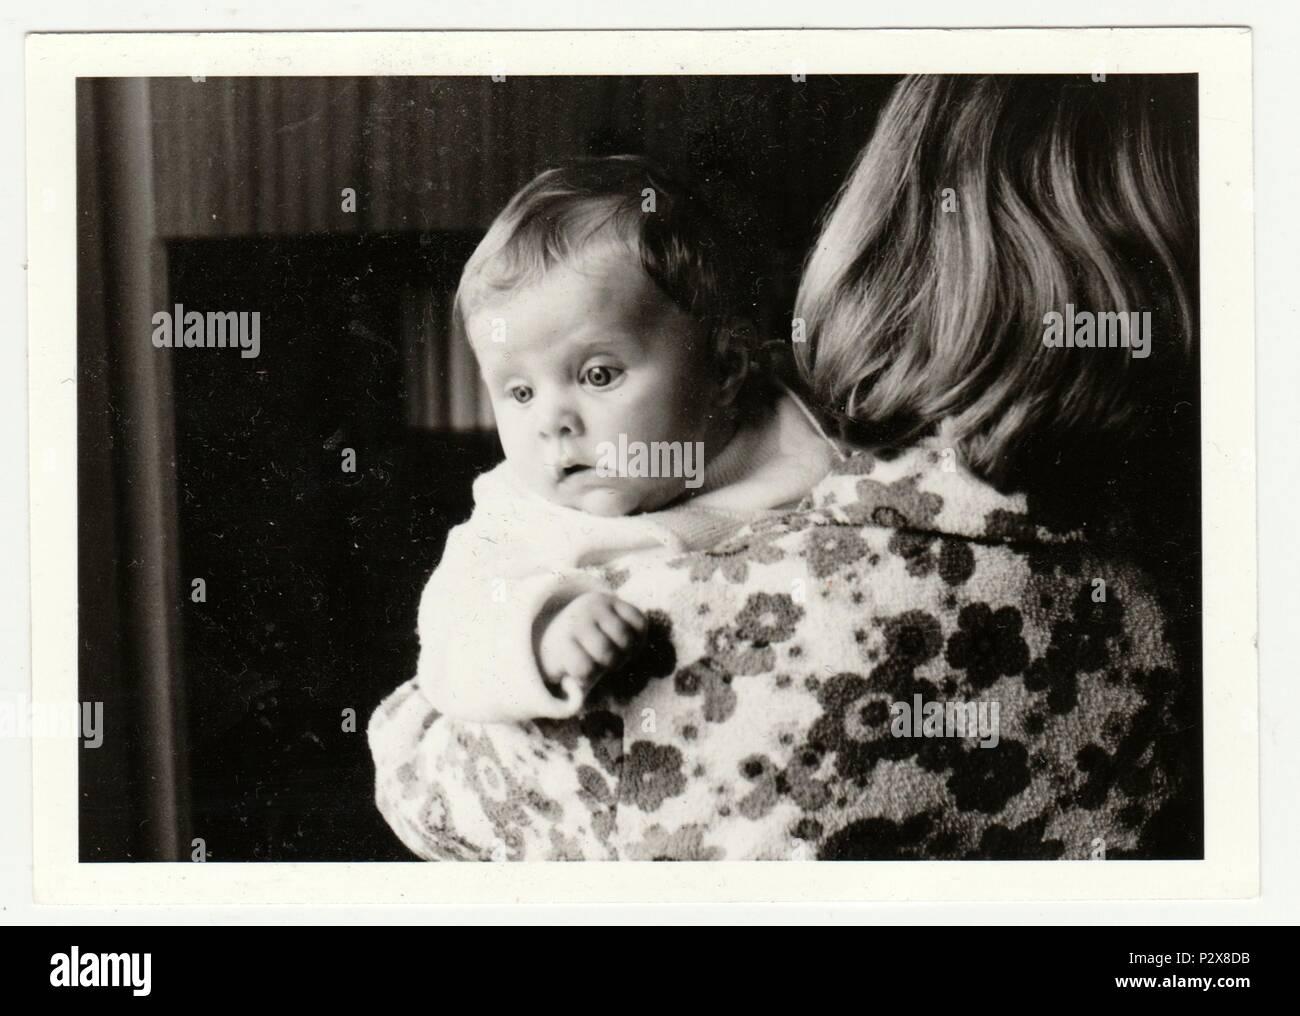 La République socialiste tchécoslovaque - circa 1980   Vintage photo montre  mère berceaux bébé. Retro noir et blanc de la photographie. 3620cd5408c